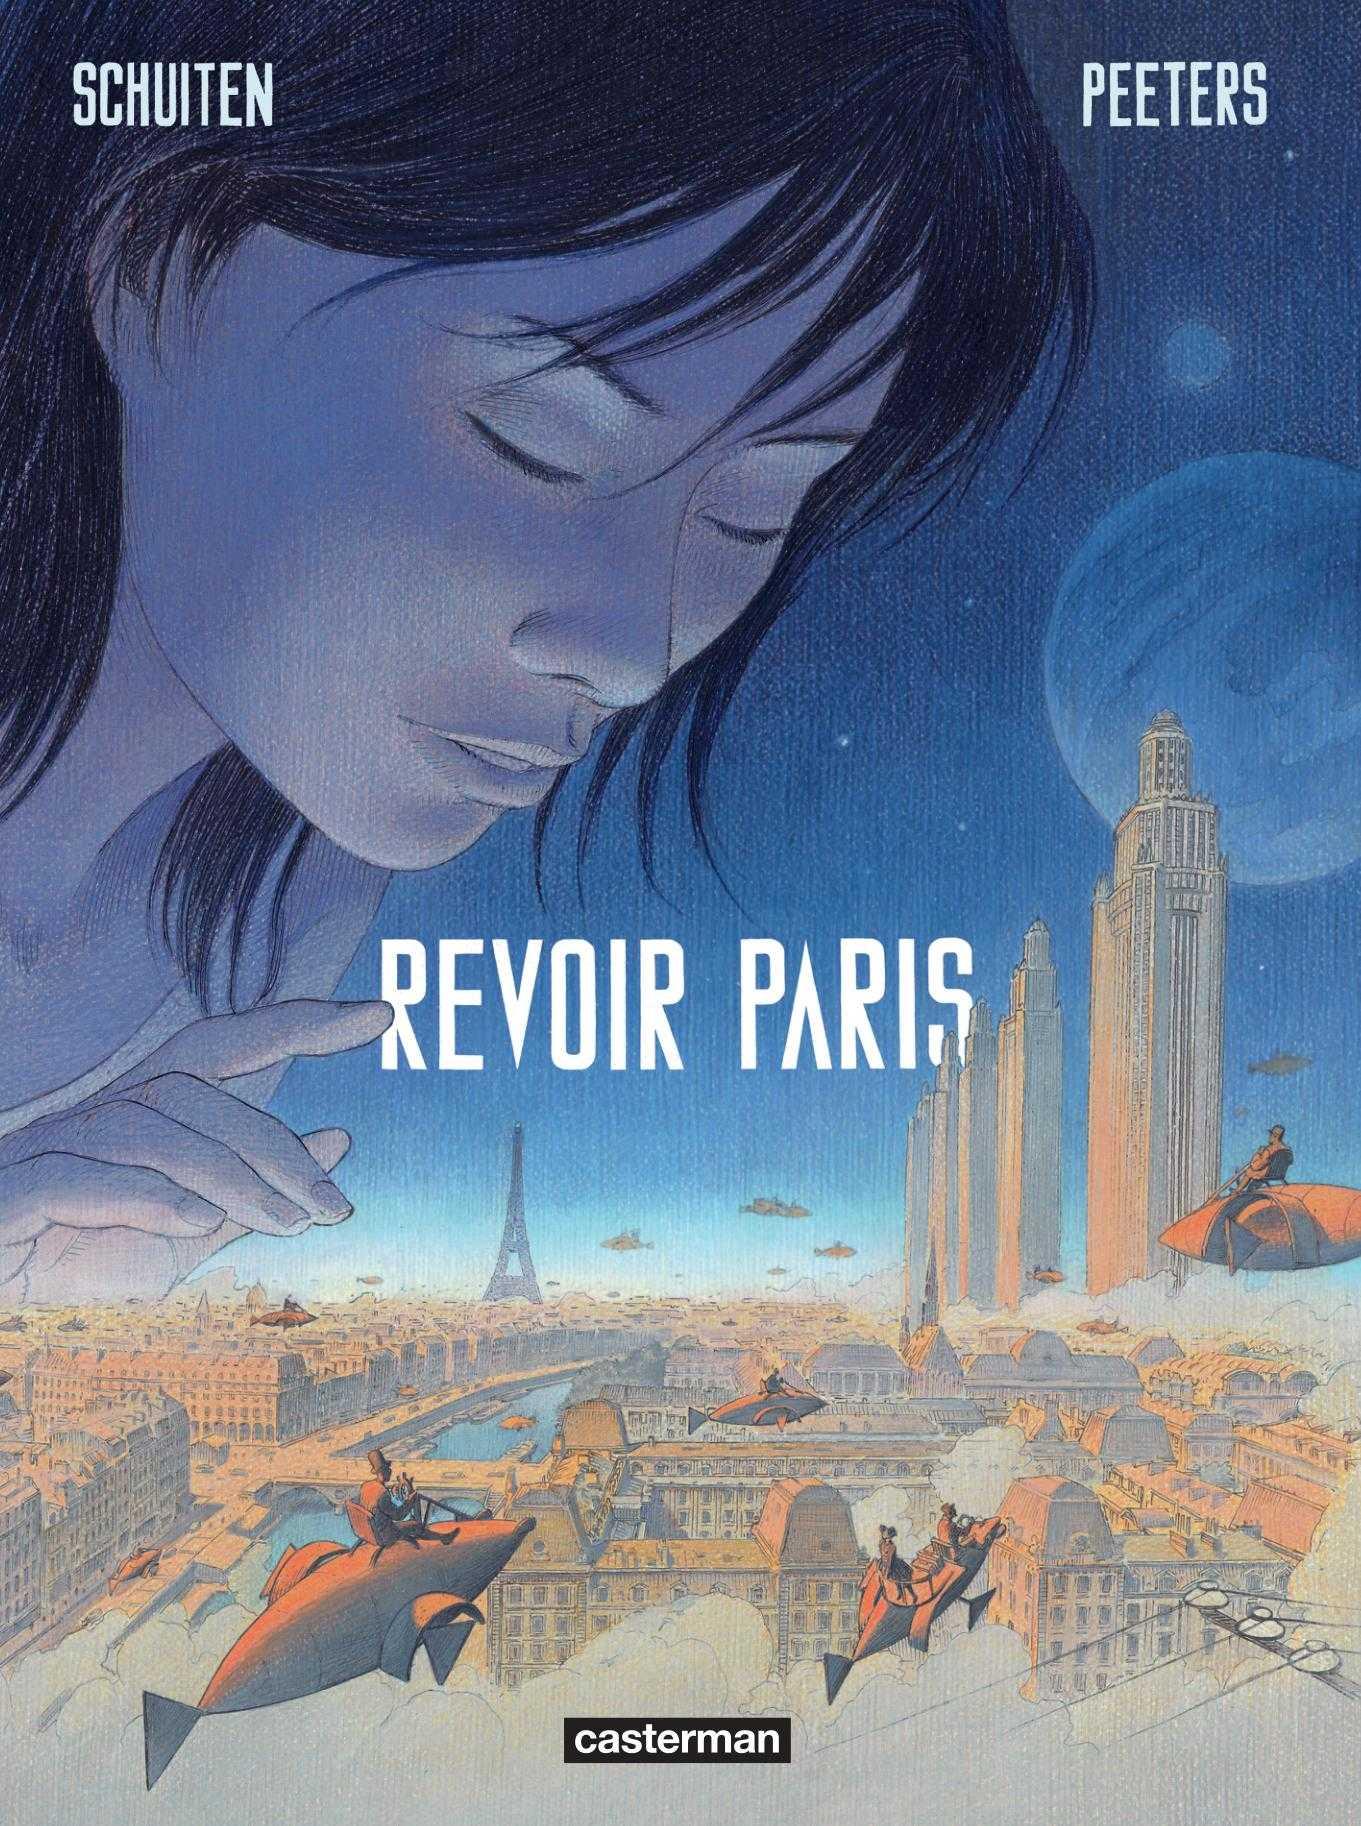 Revoir Paris, un beau voyage avec Peeters et Schuiten, et une expo à Paris